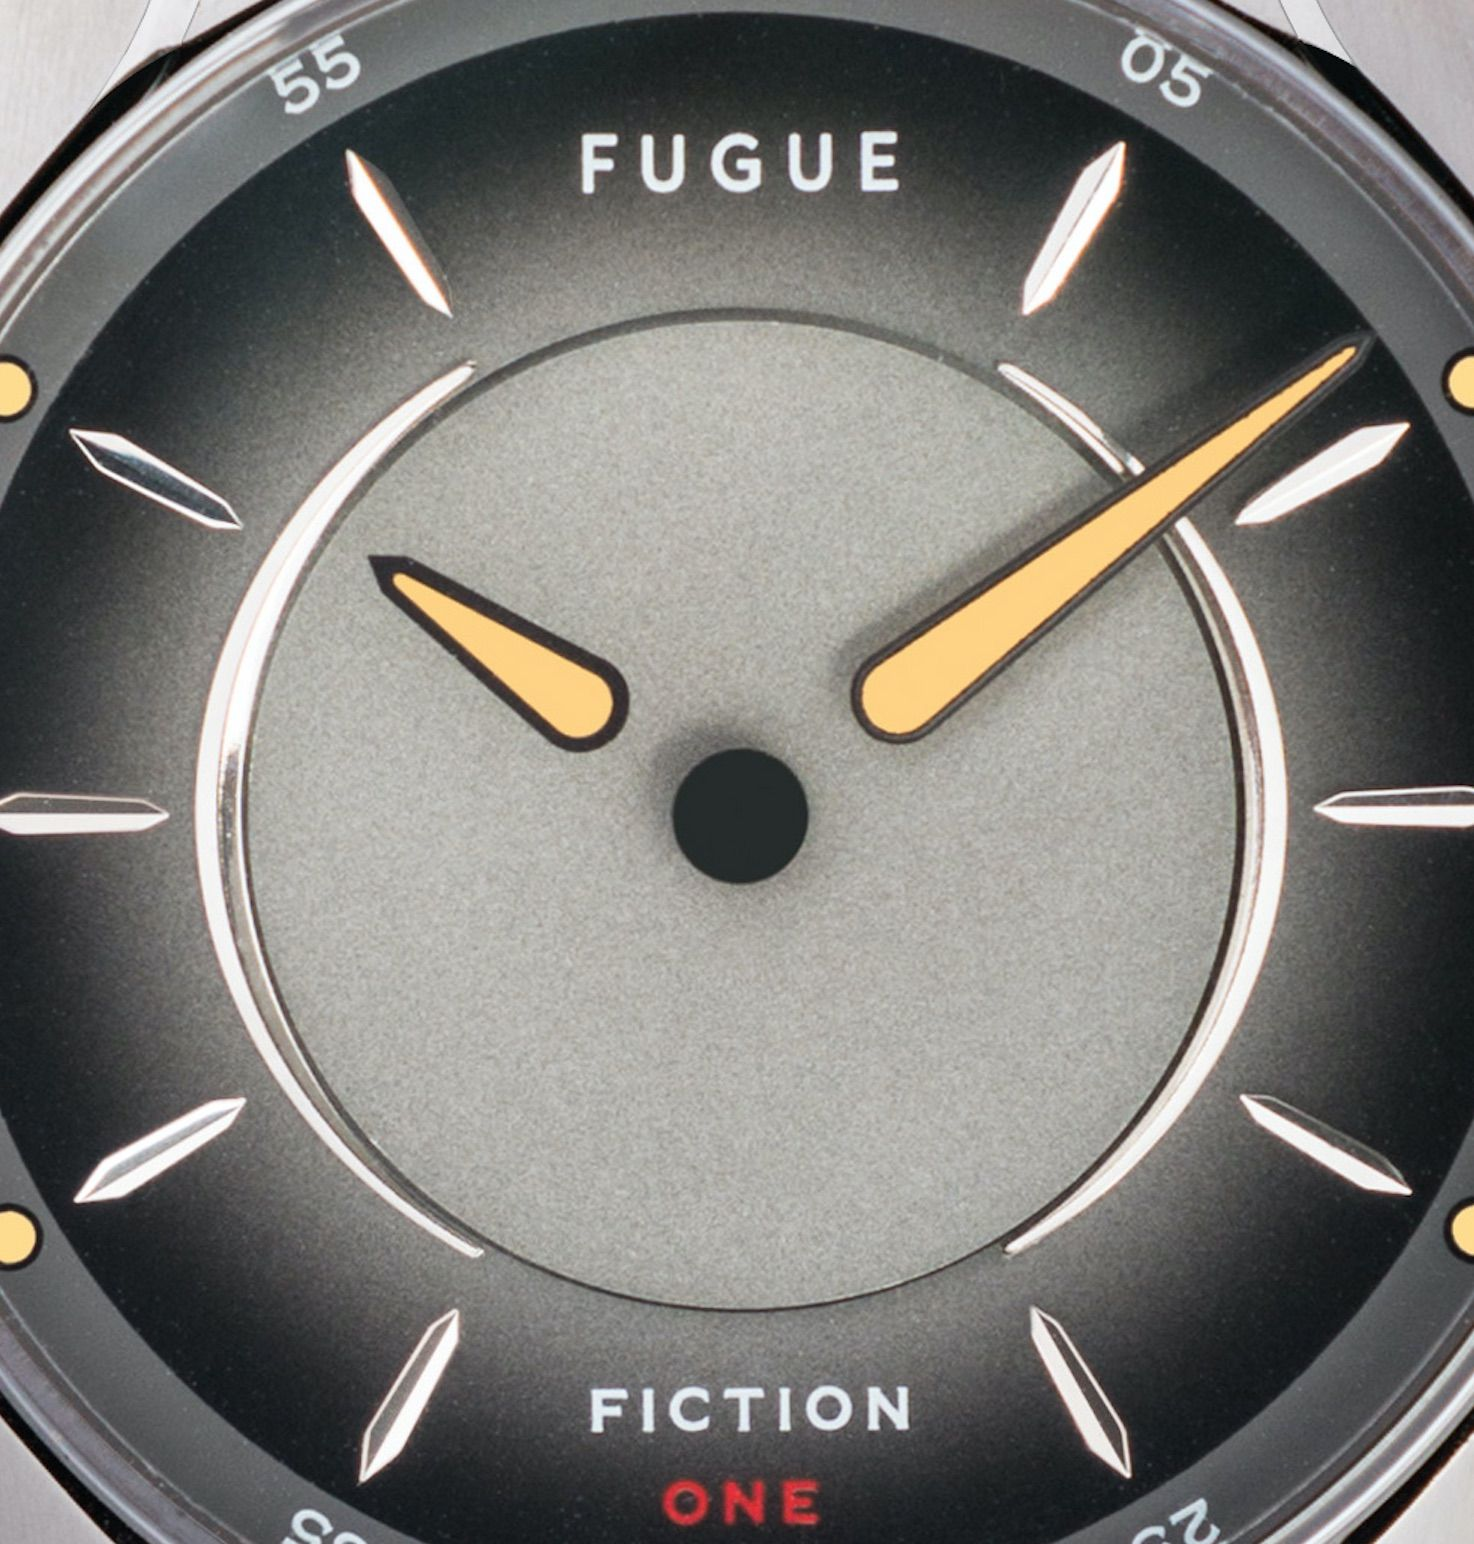 Quand le faucon glisse sur les minutes et quand la fée porte une orange de feu : c'est l'actualité vendémiaire des montres